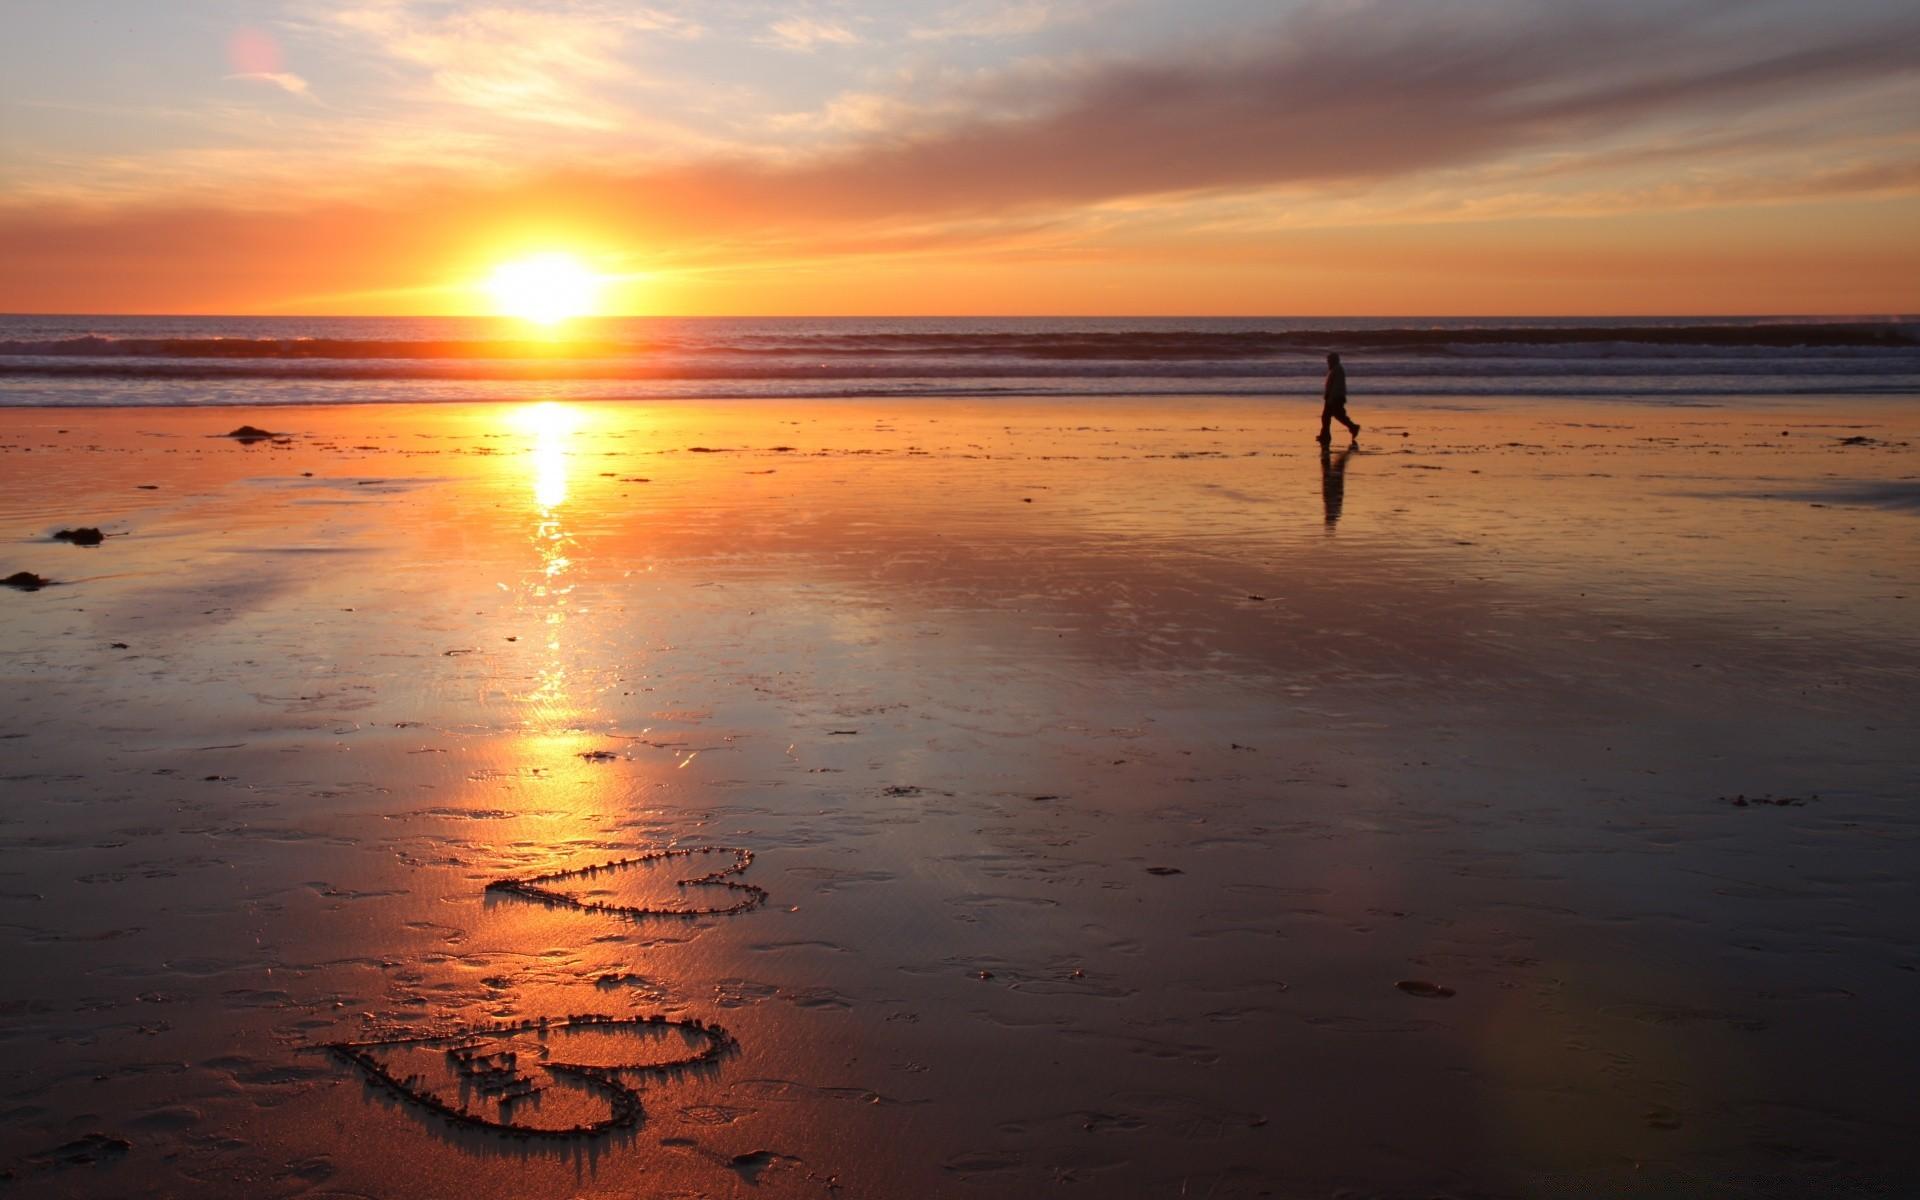 будет бед, картинки море закат пляж двое даст больше